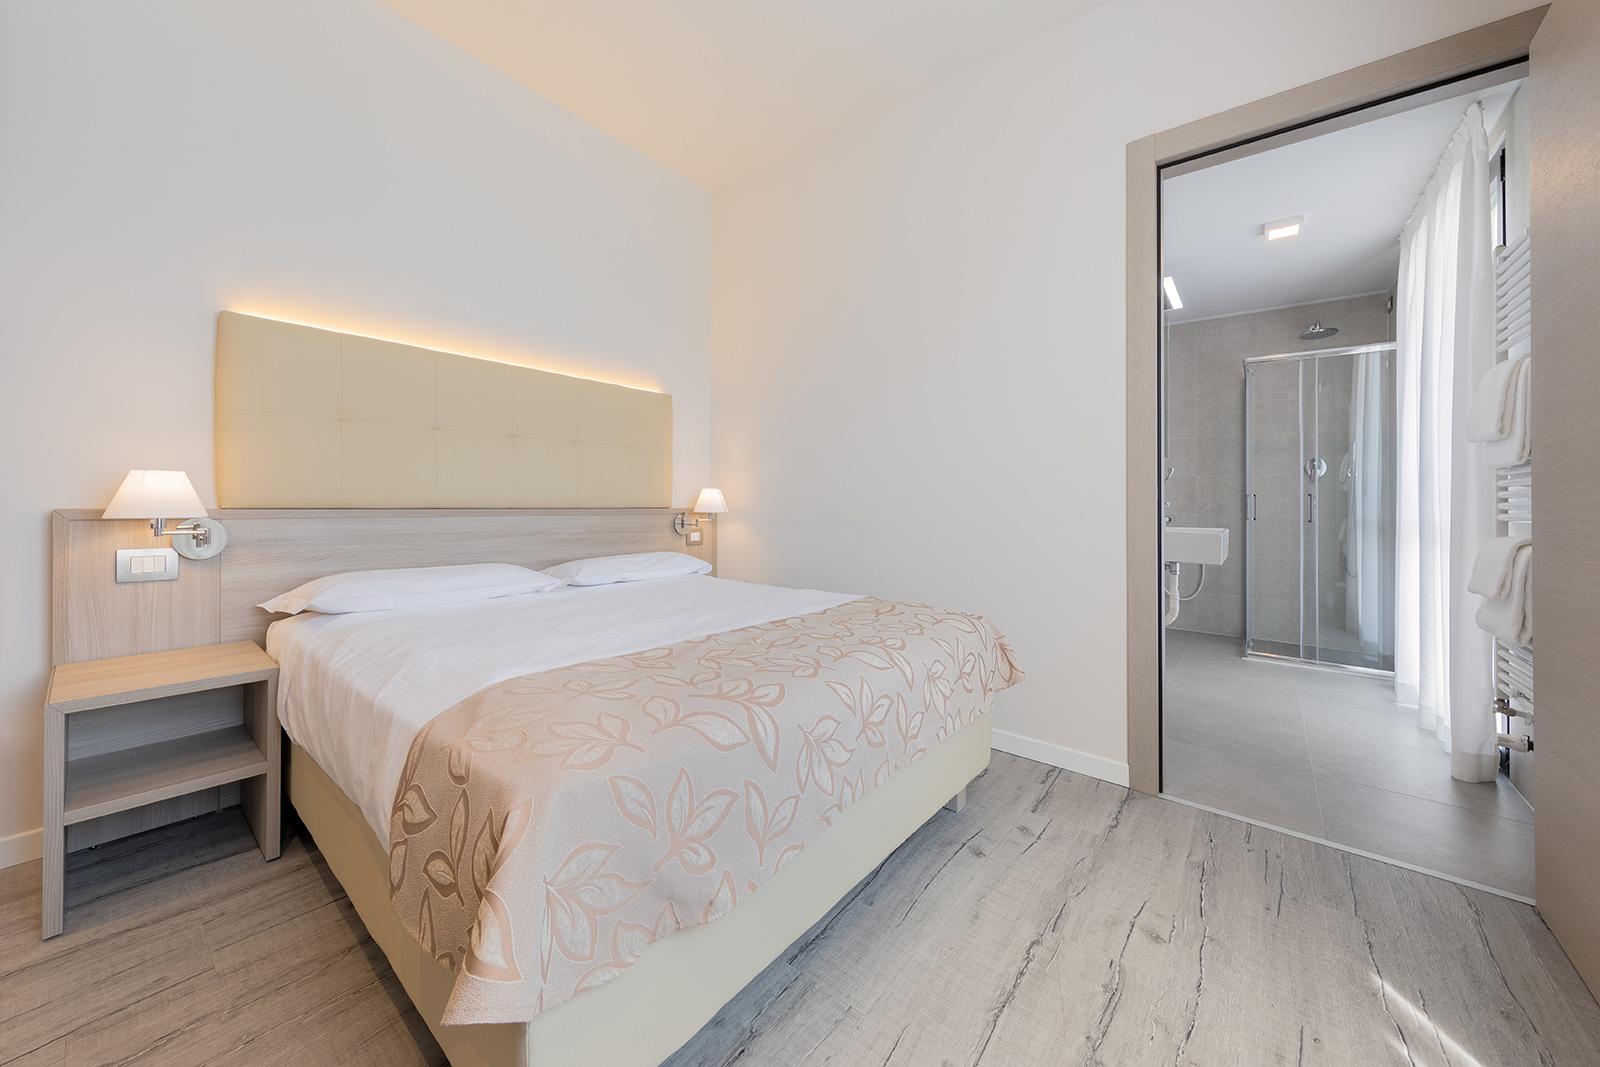 camera-matrimoniale-hotel-delfino